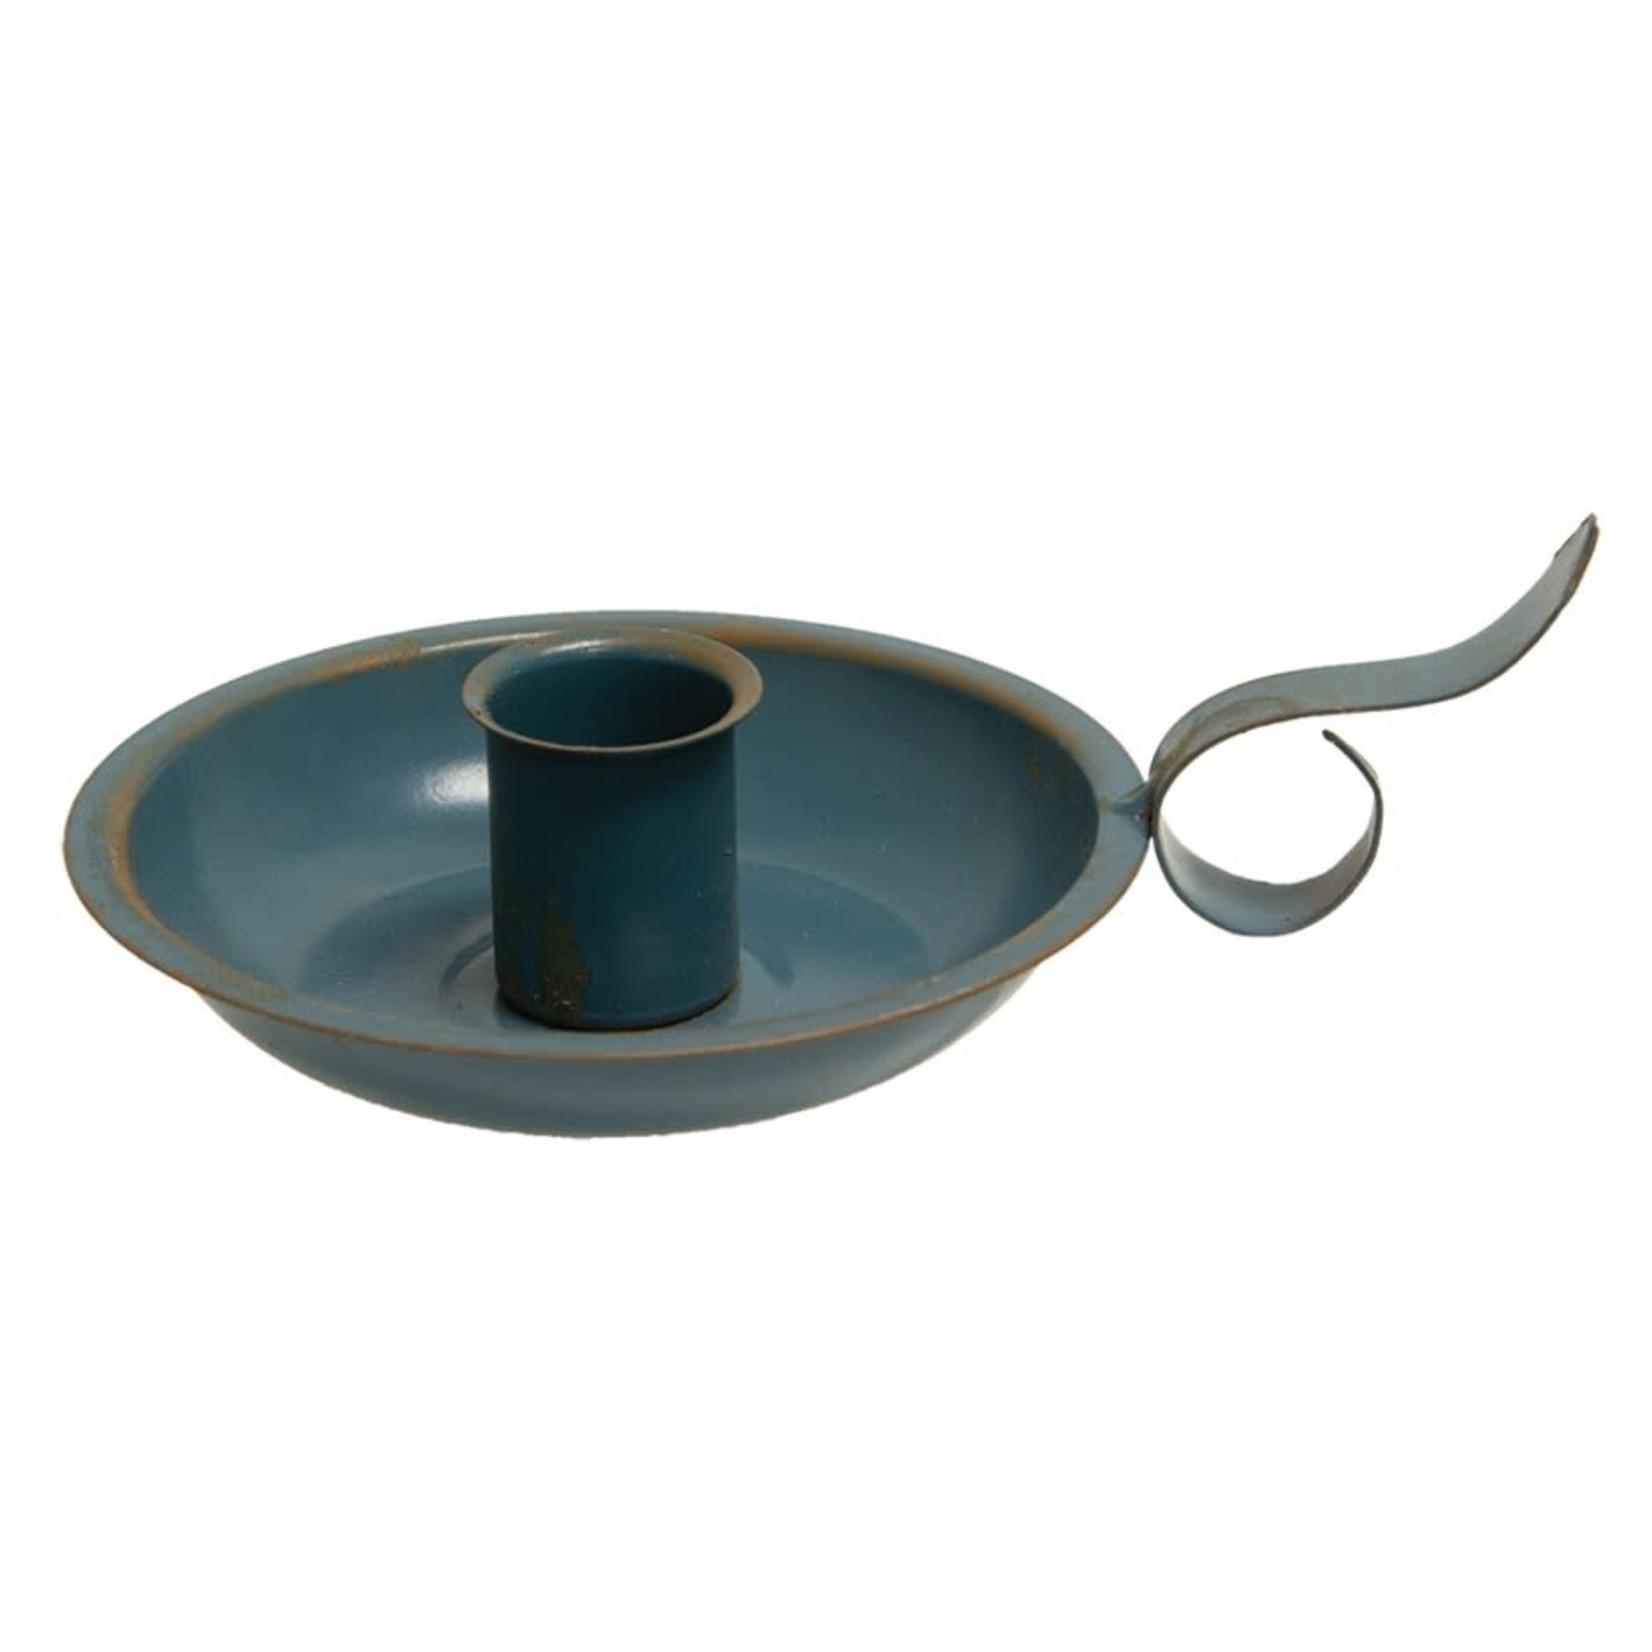 Vintage Blue Taper Pan